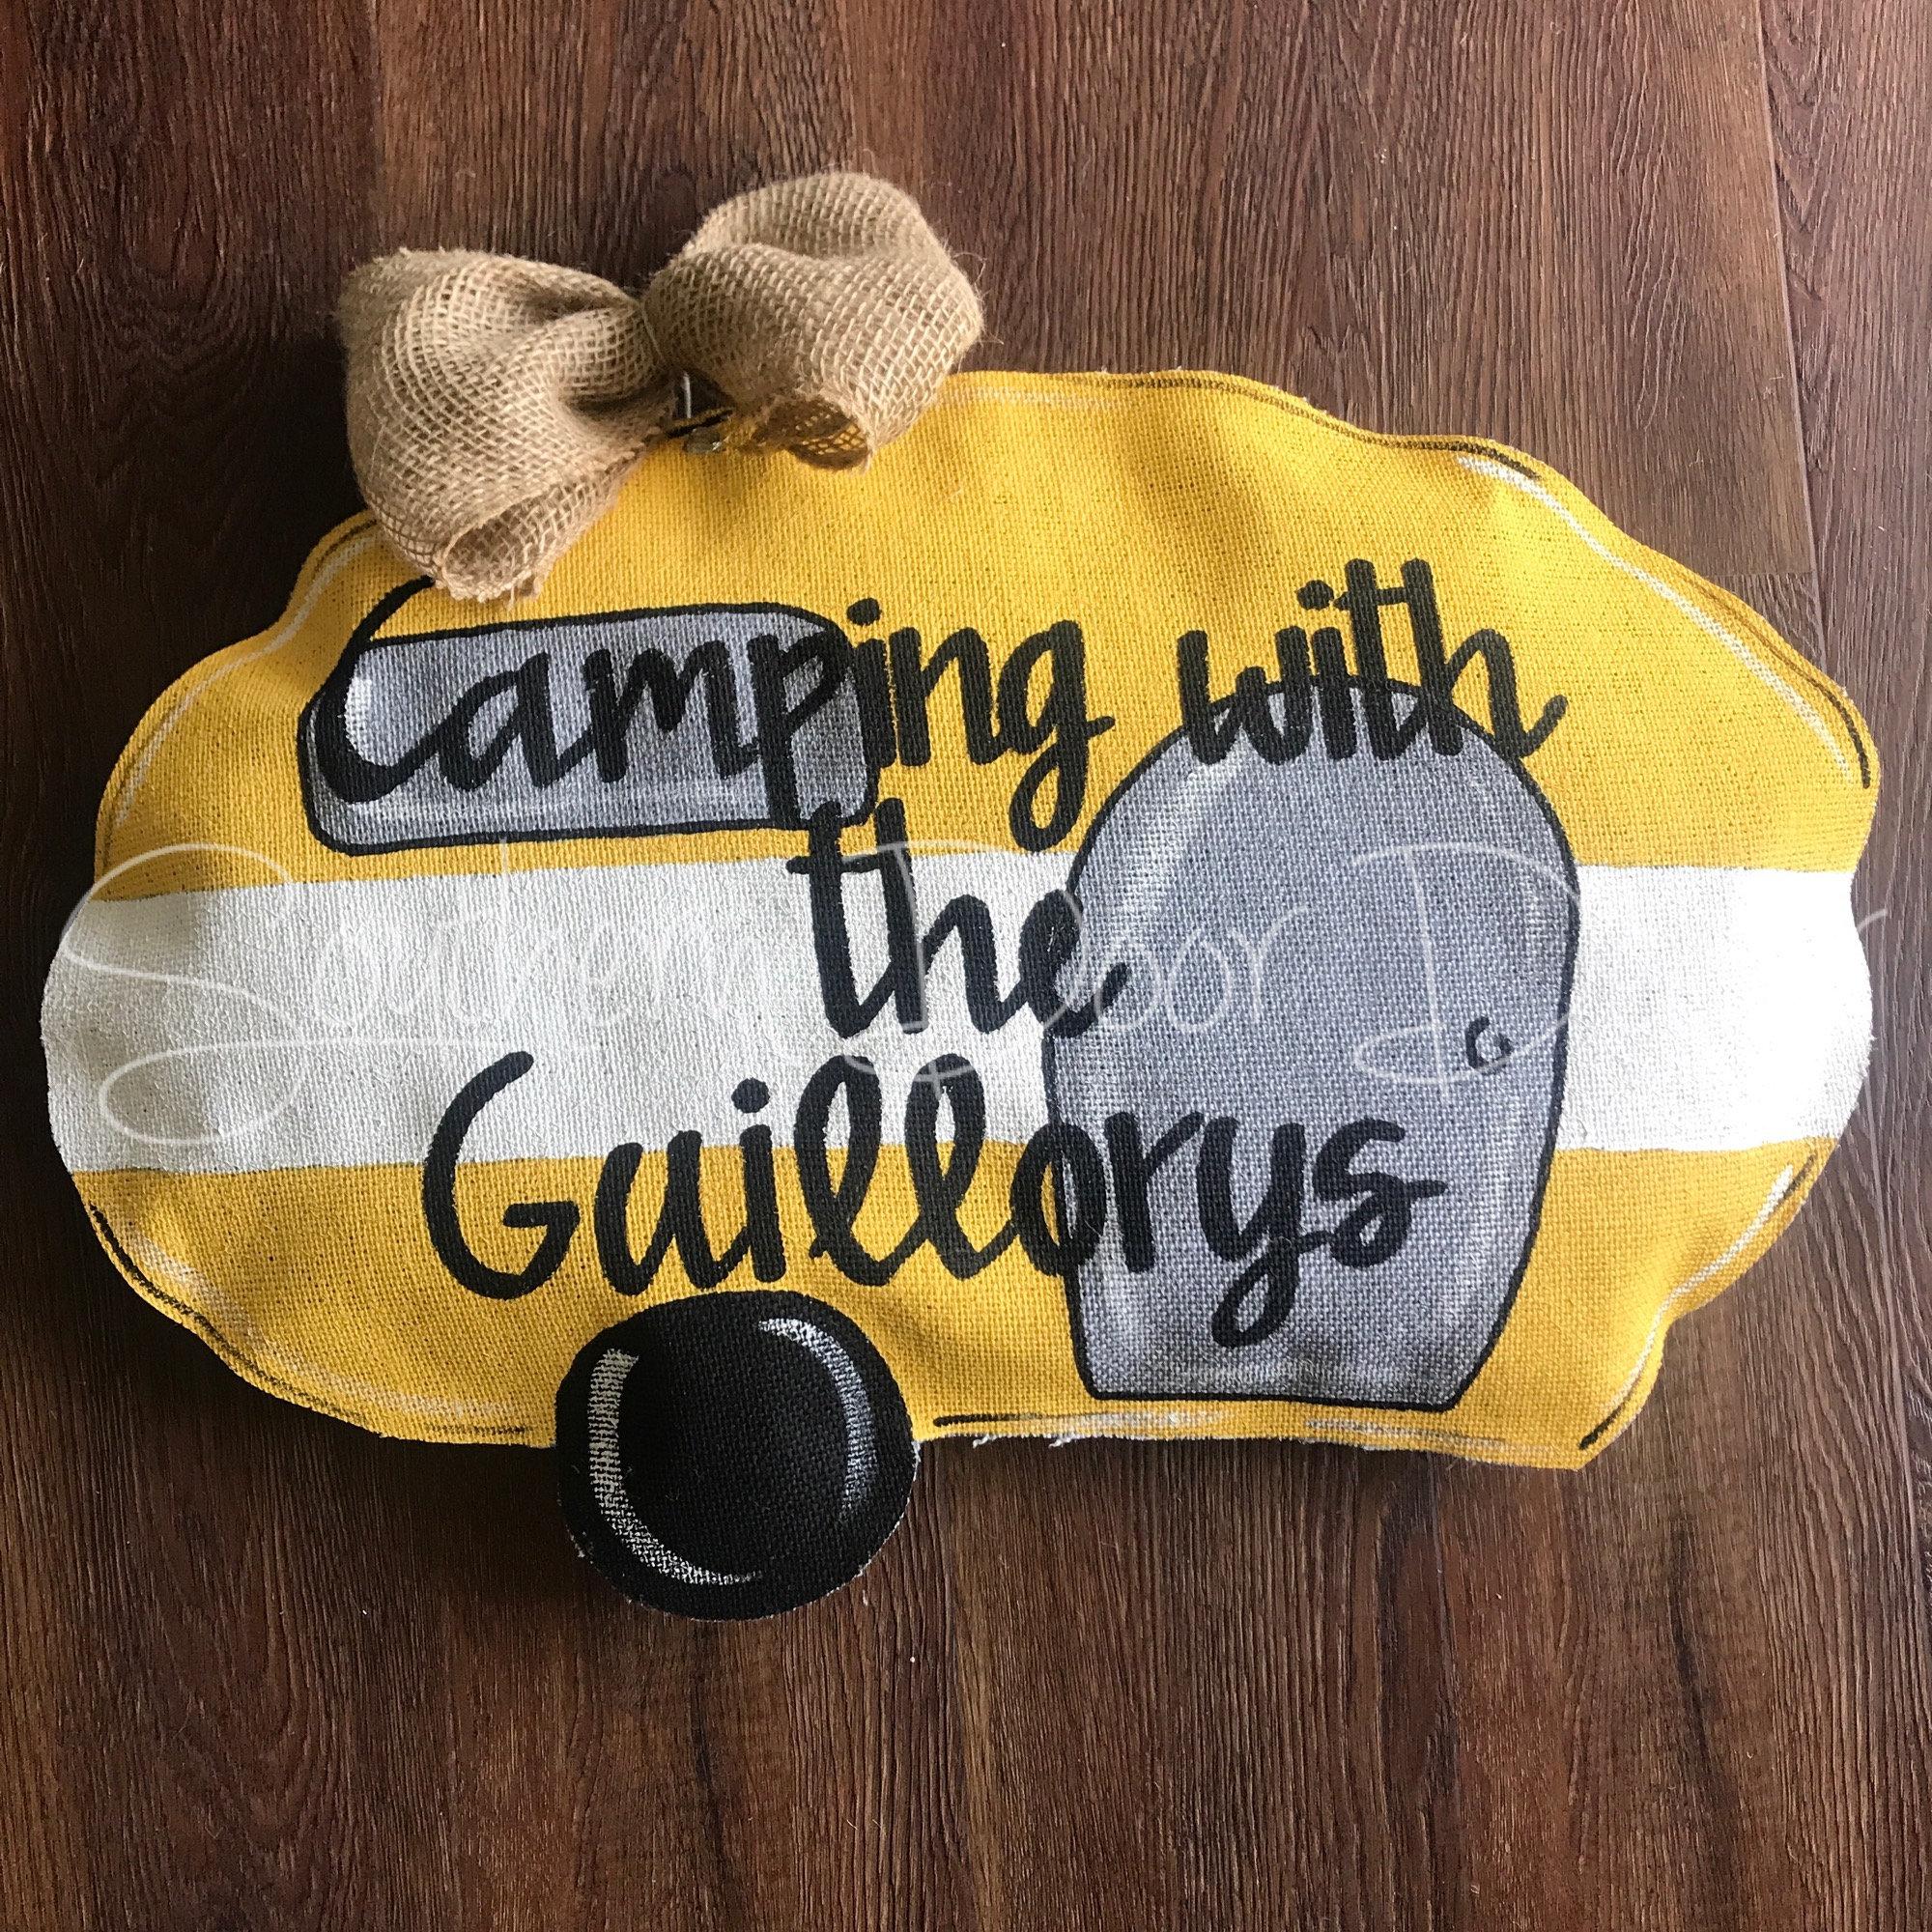 Vintage Camper door hanger